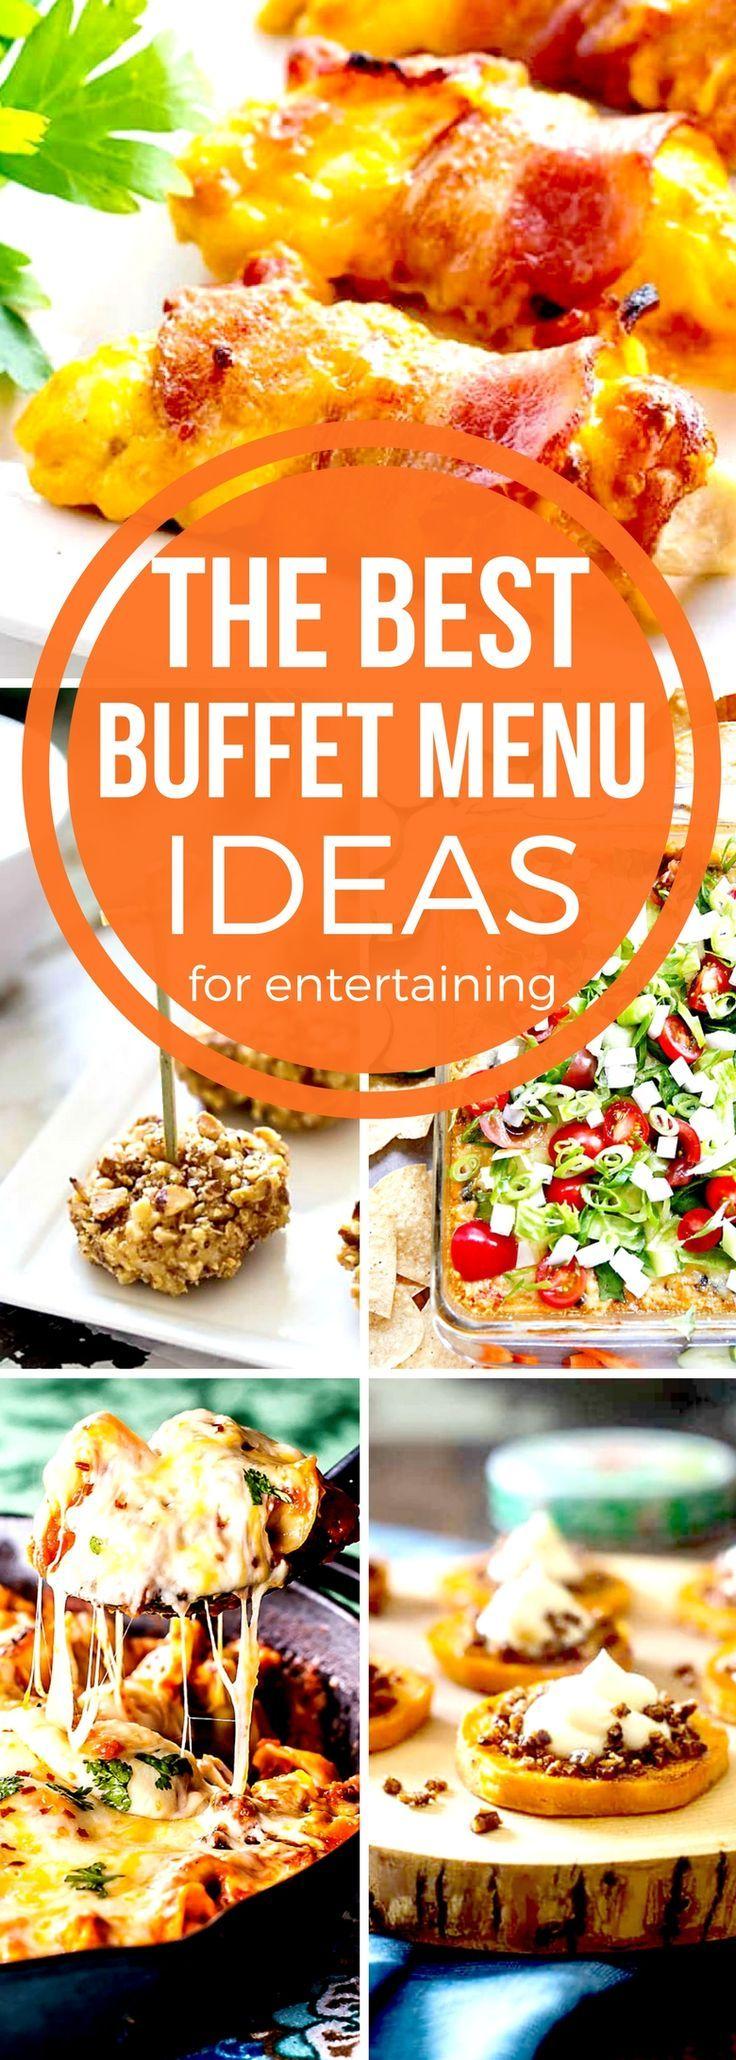 Buffet Menu Ideas #SundaySupper | Holiday party menu, Dinner buffet ideas, Appetizer recipes